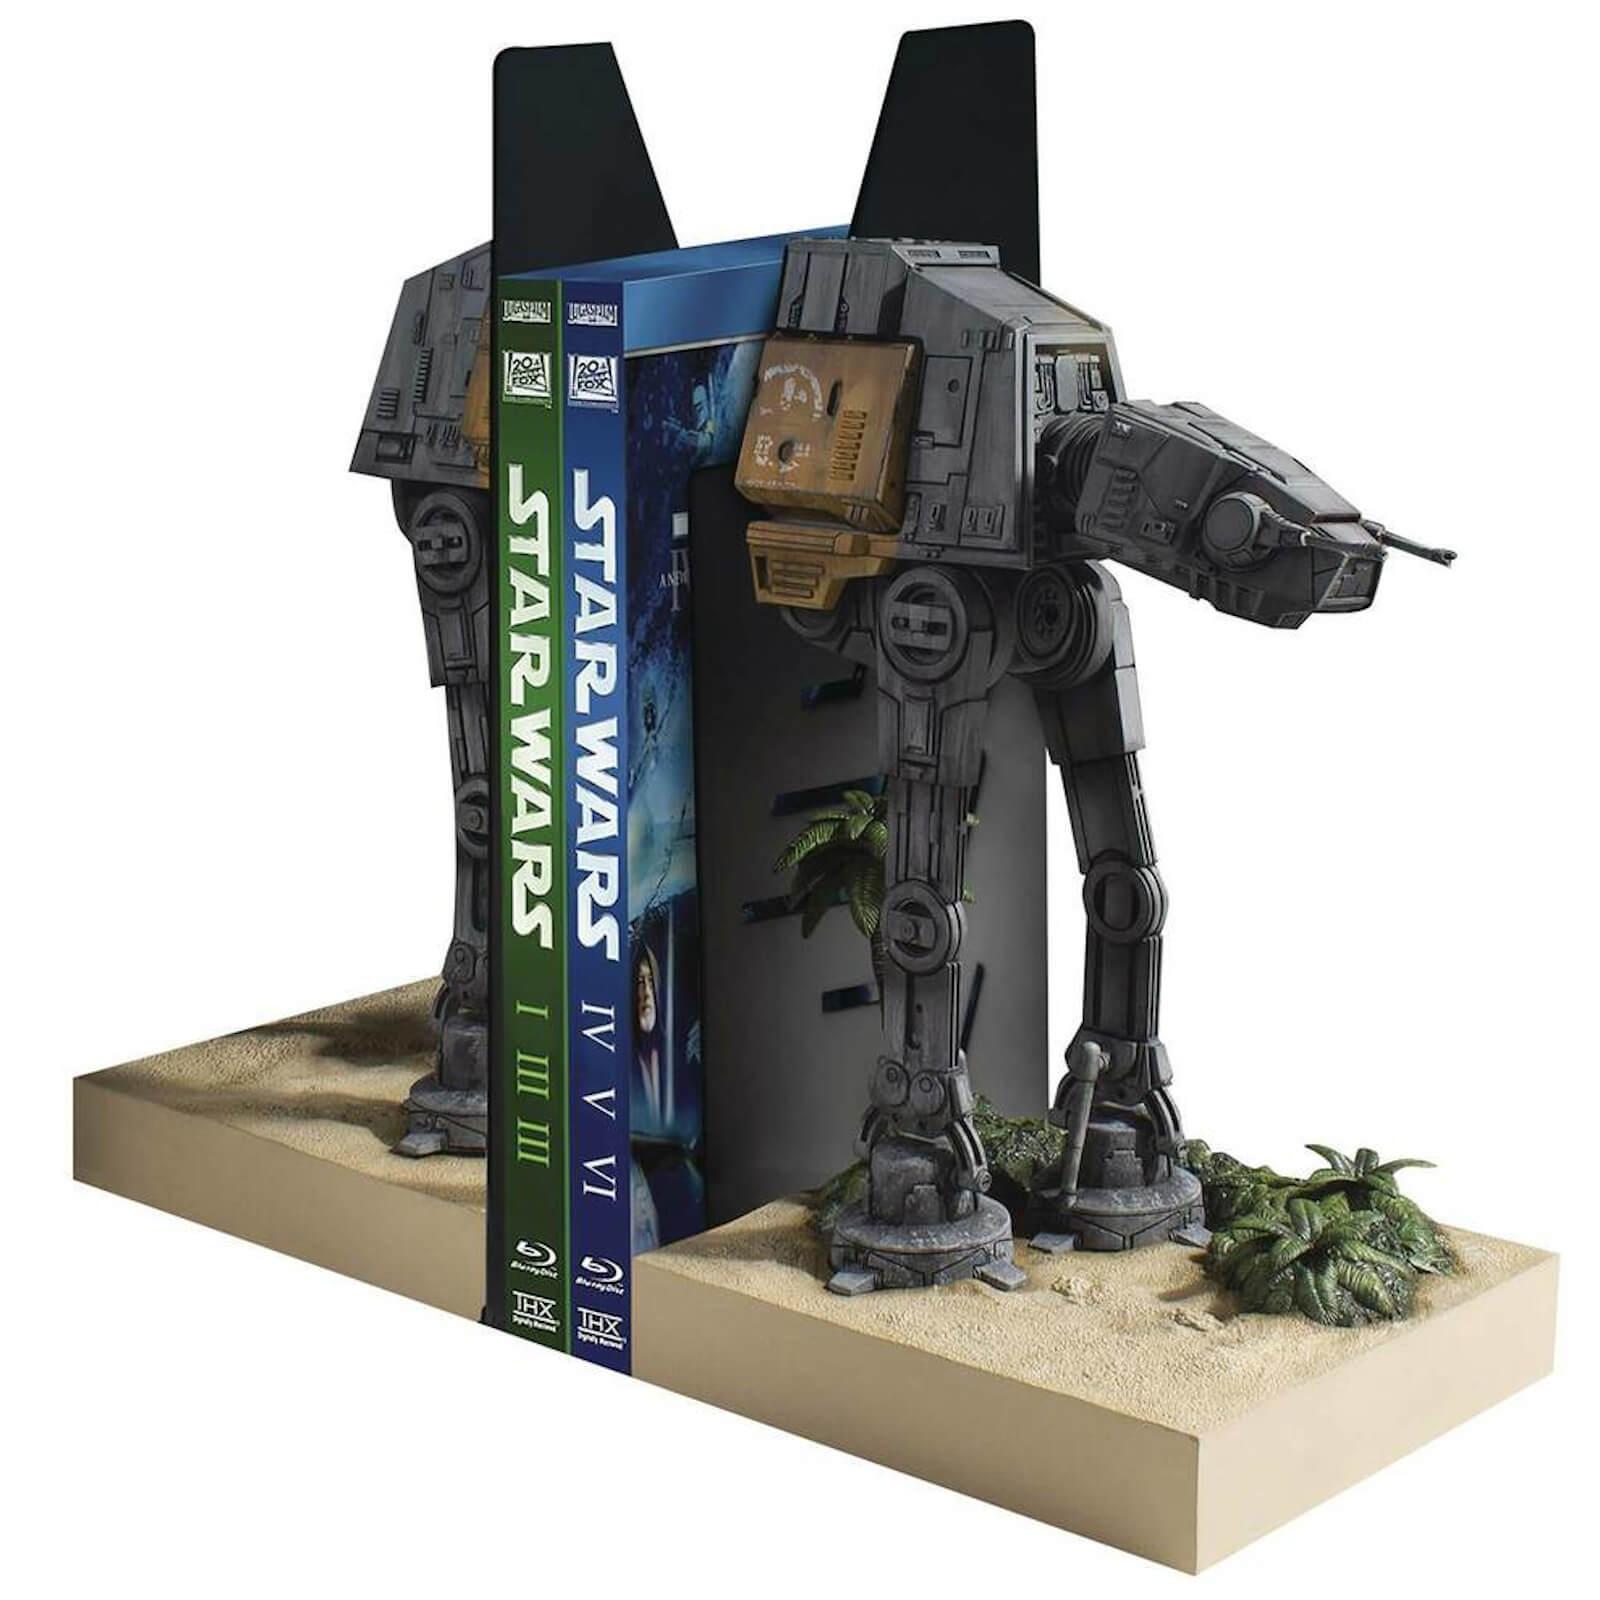 Soporte de Star Wars para libros al 60%